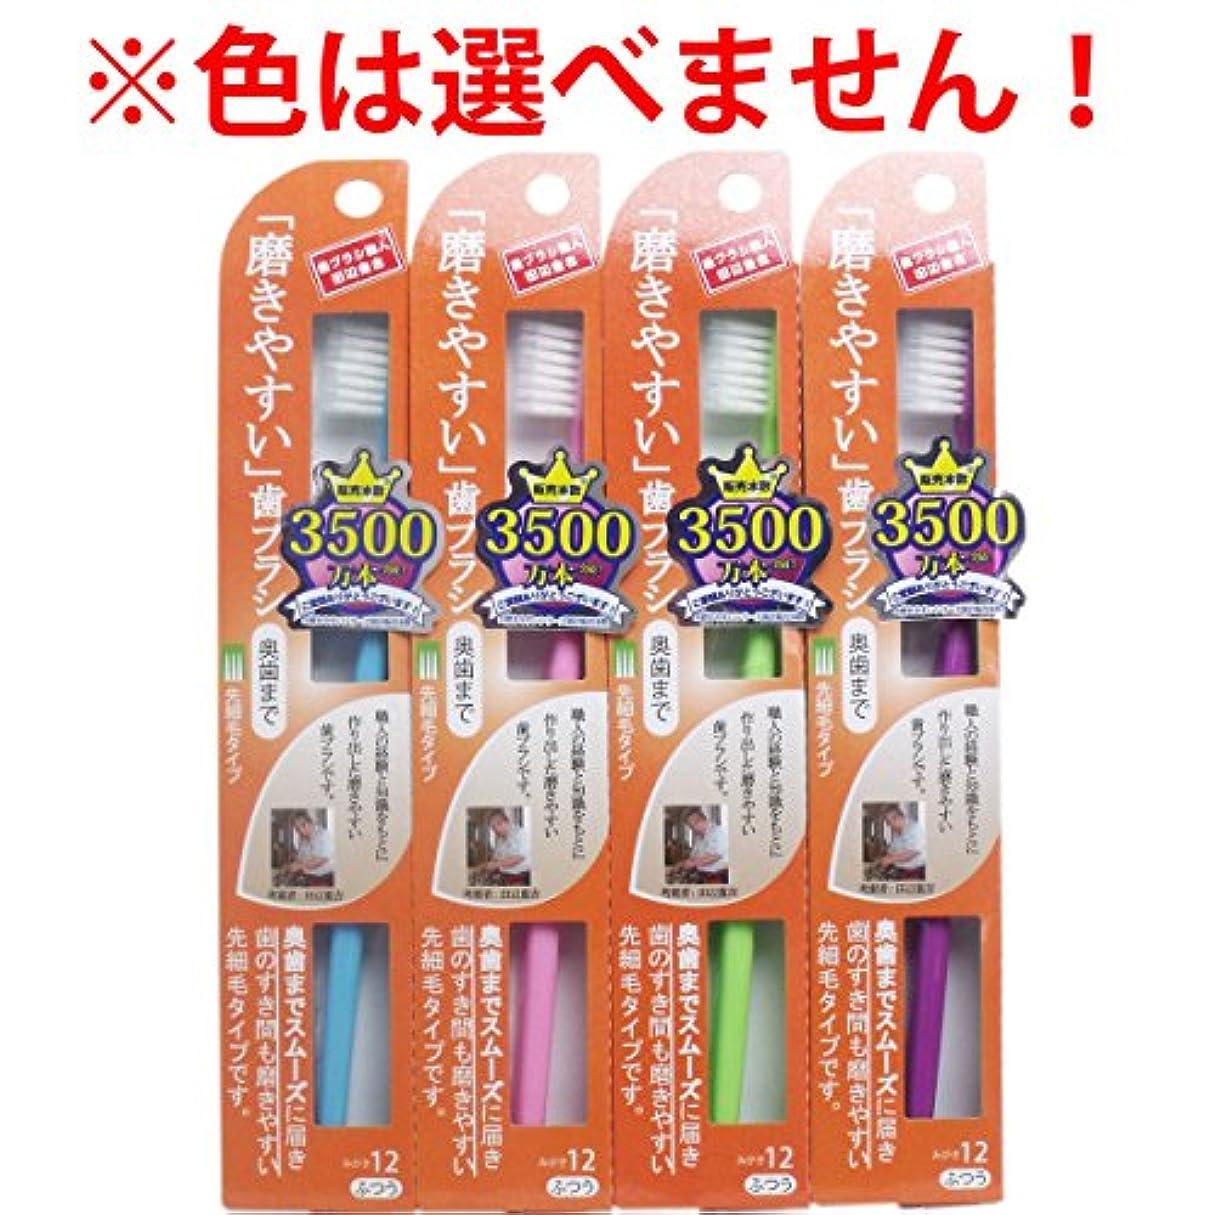 子犬水曜日傾斜【2セット】磨きやすい歯ブラシ(奥歯まで)先細 1P*12本入り